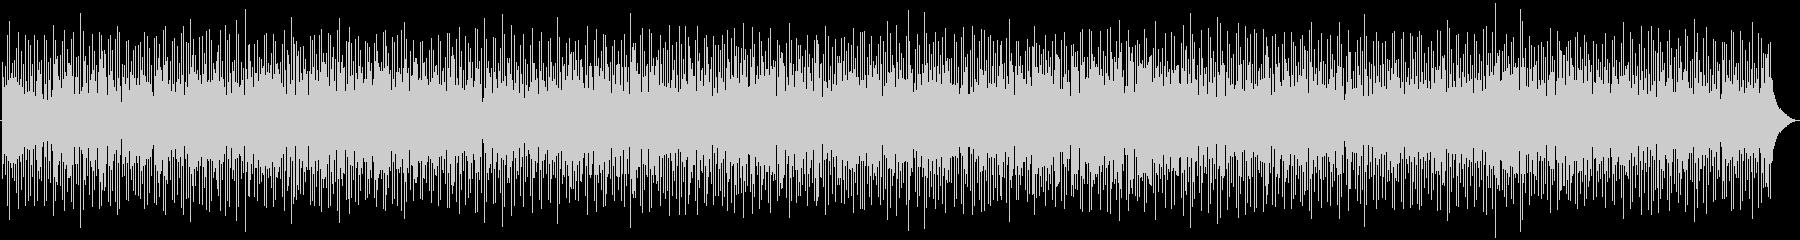 超速いジャズサンバの未再生の波形